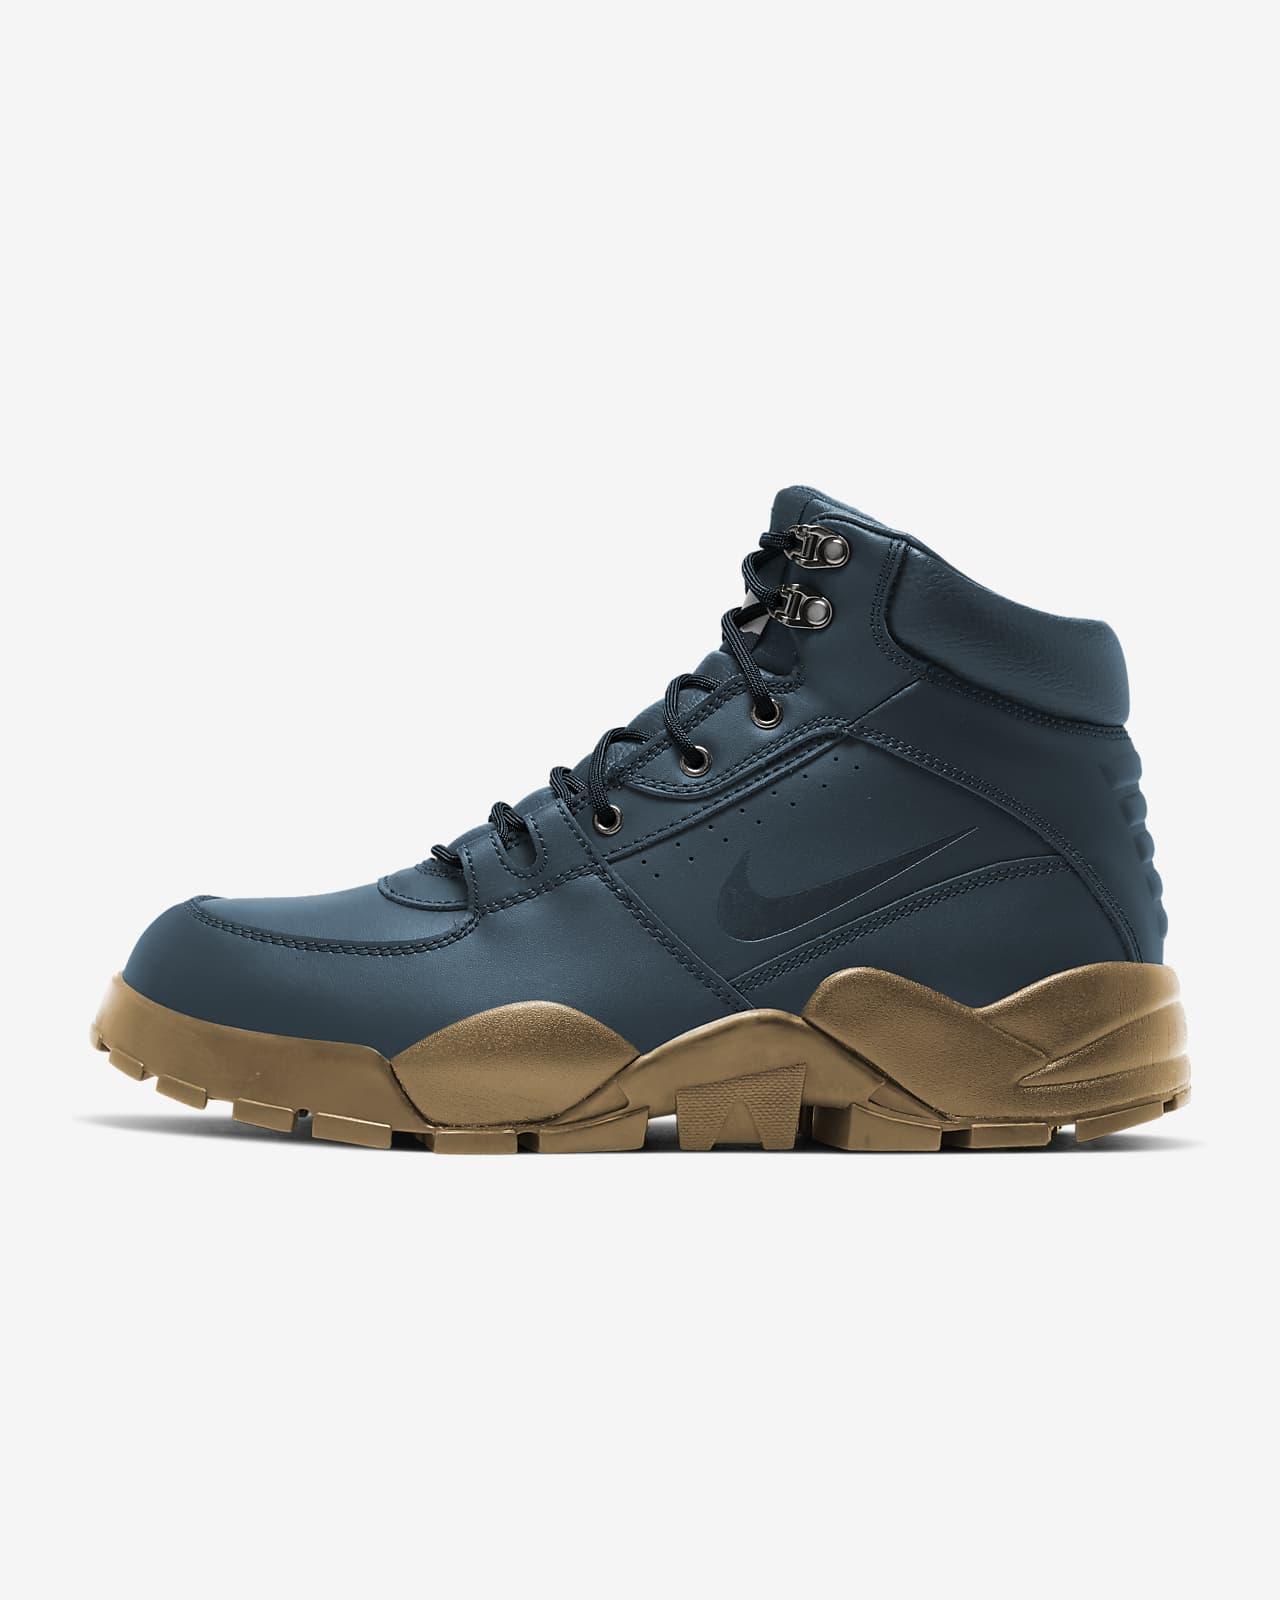 Ανδρικό παπούτσι Nike Rhyodomo